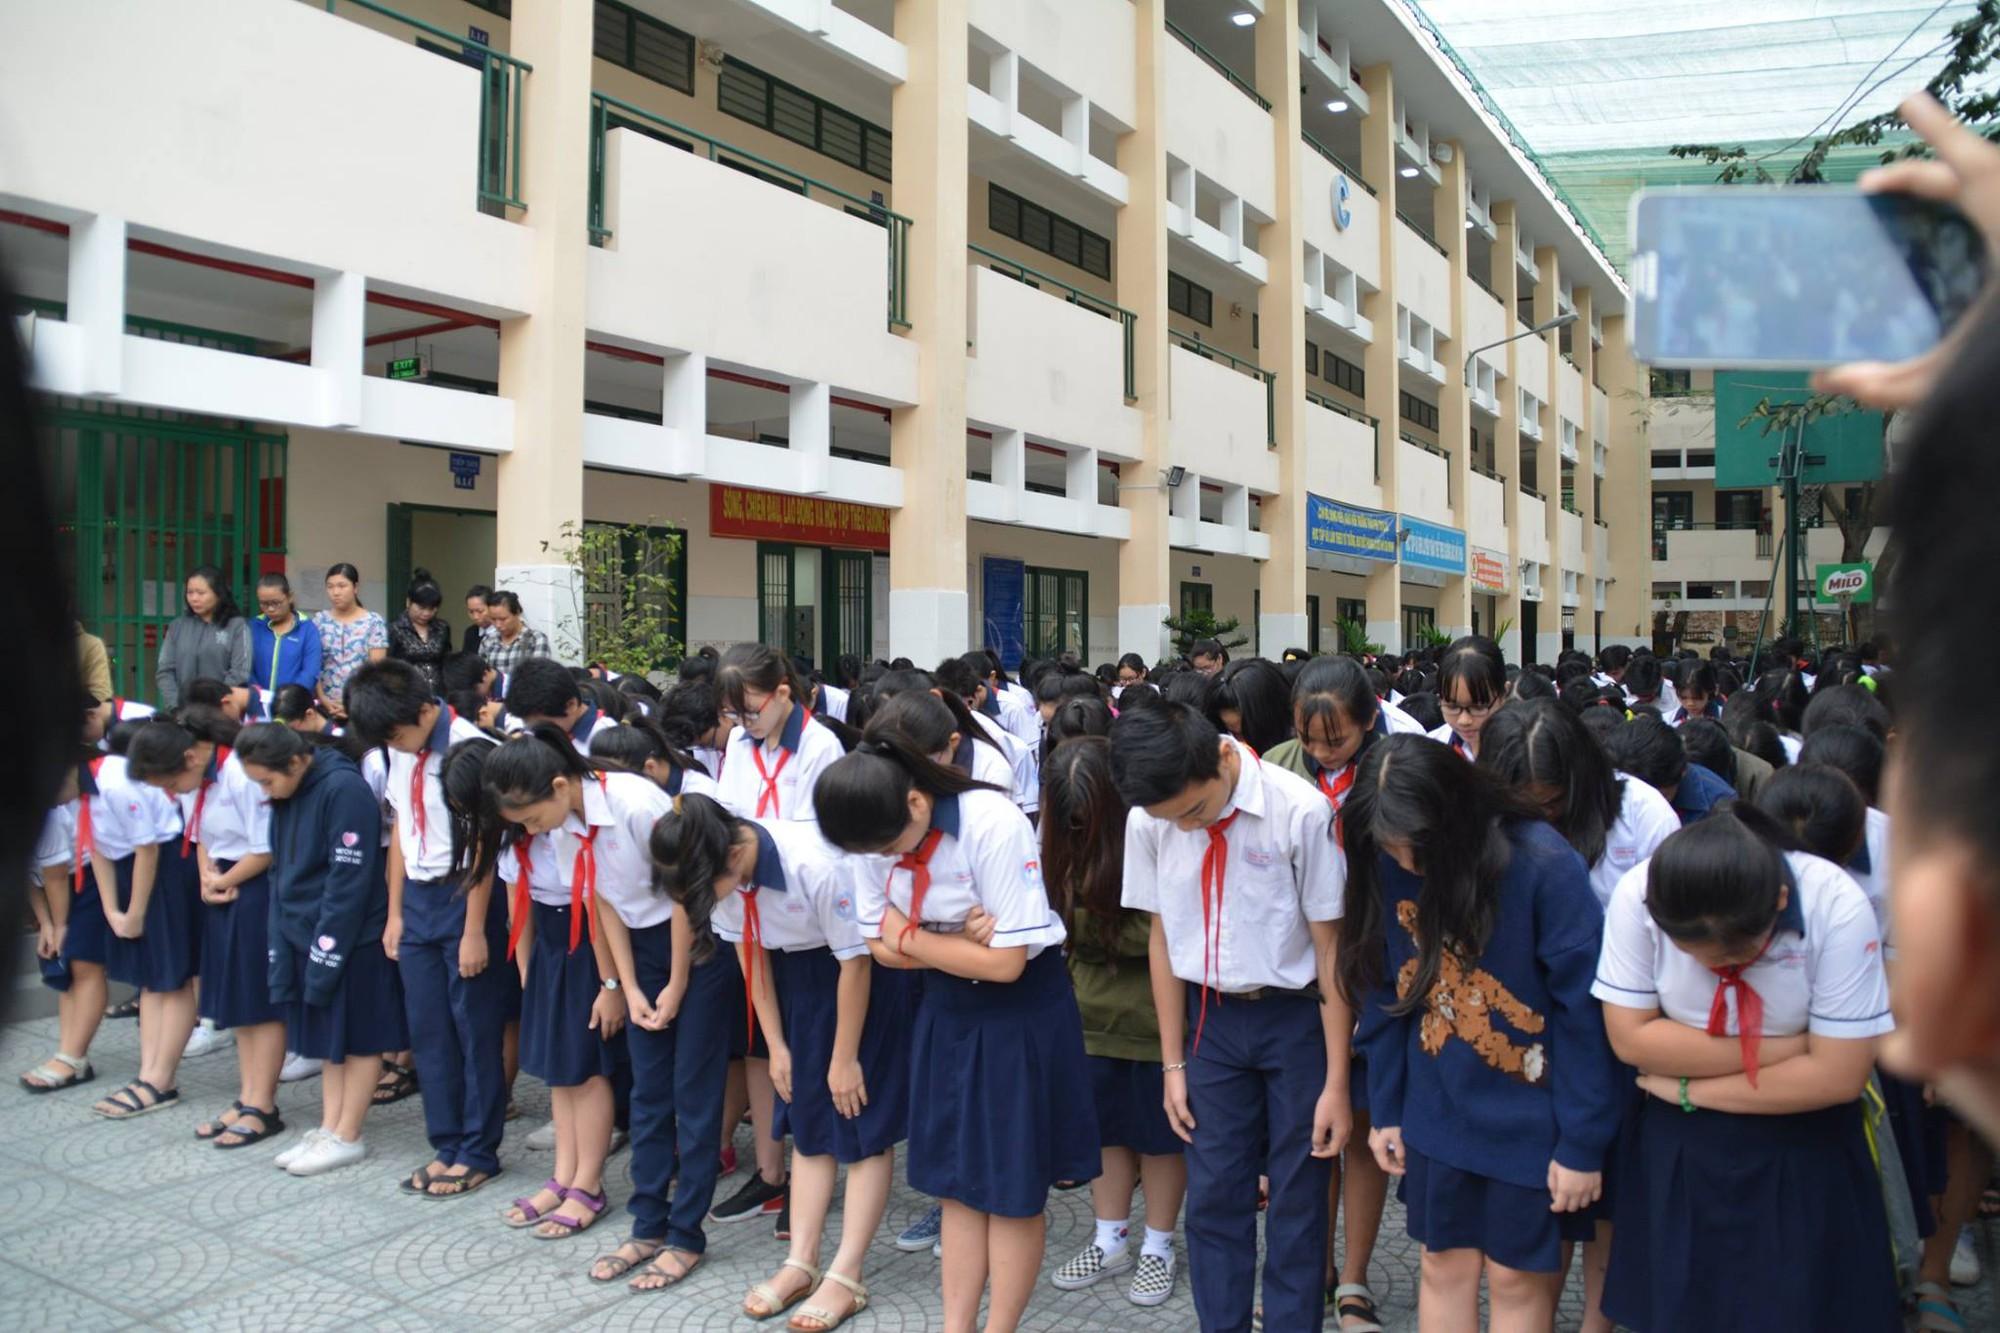 Hình ảnh xúc động: Hàng nghìn HS trường Trần Phú TP.HCM cuối đầu vĩnh biệt thầy hiệu trưởng đột ngột qua đời - Ảnh 3.